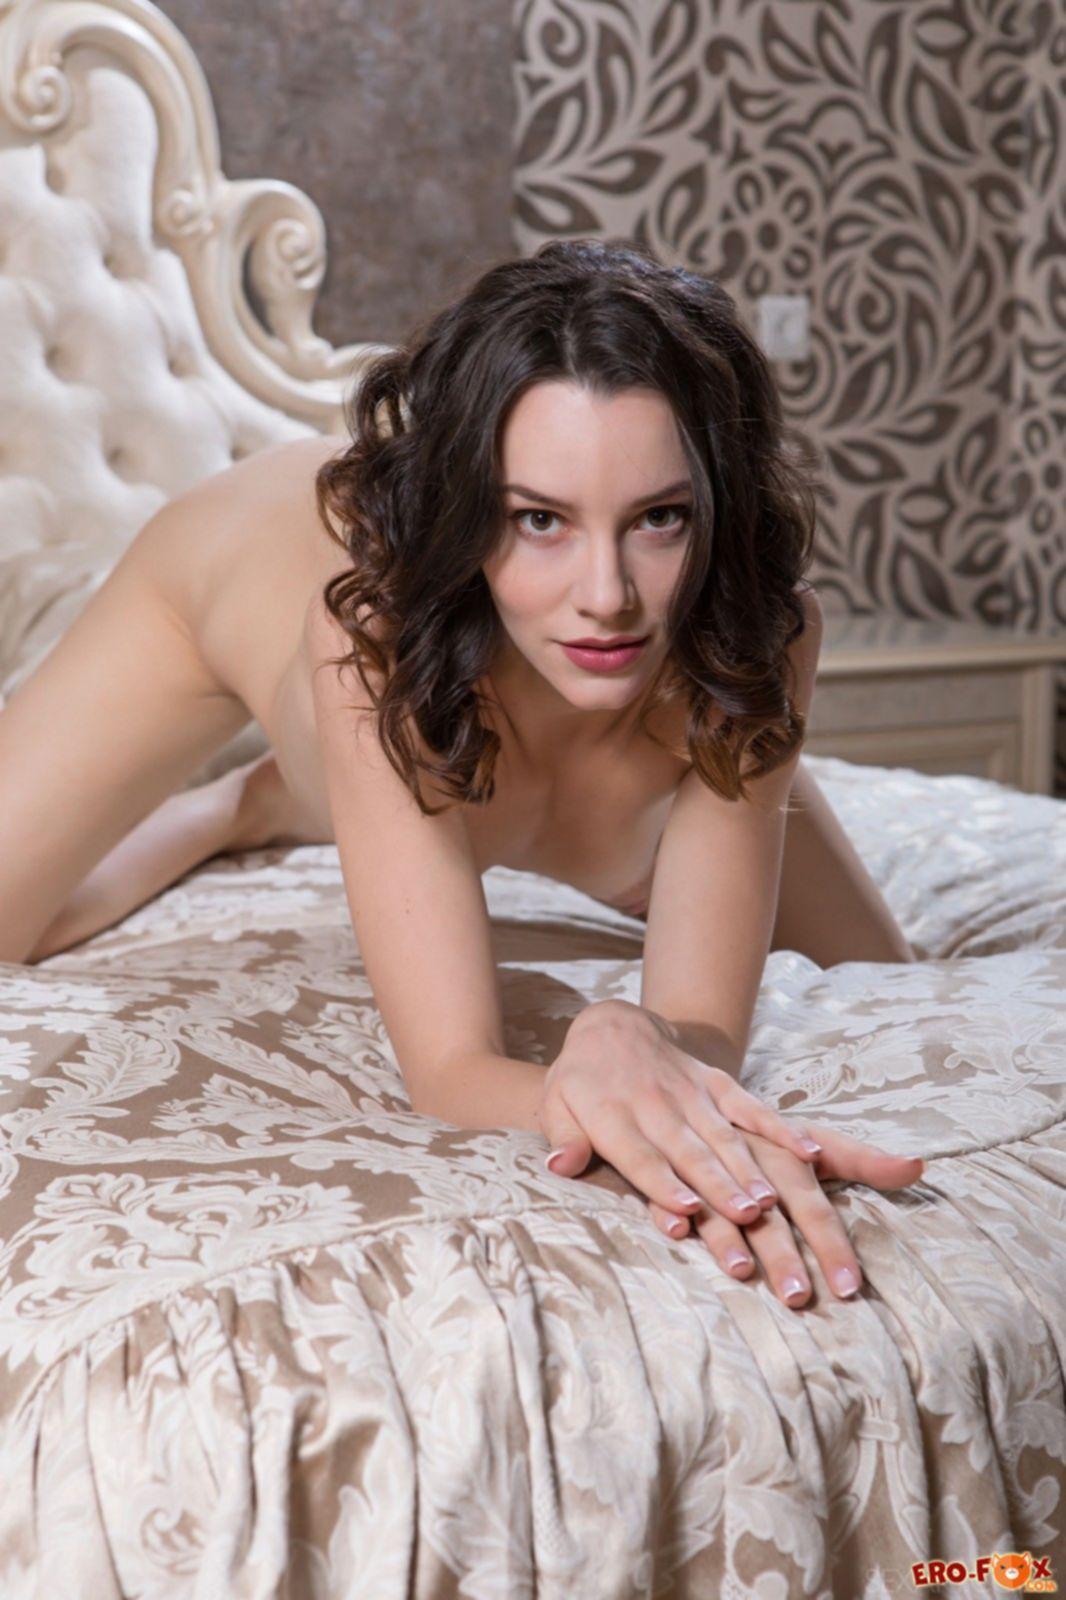 Красавица с нежной упругой попкой на кровати - фото